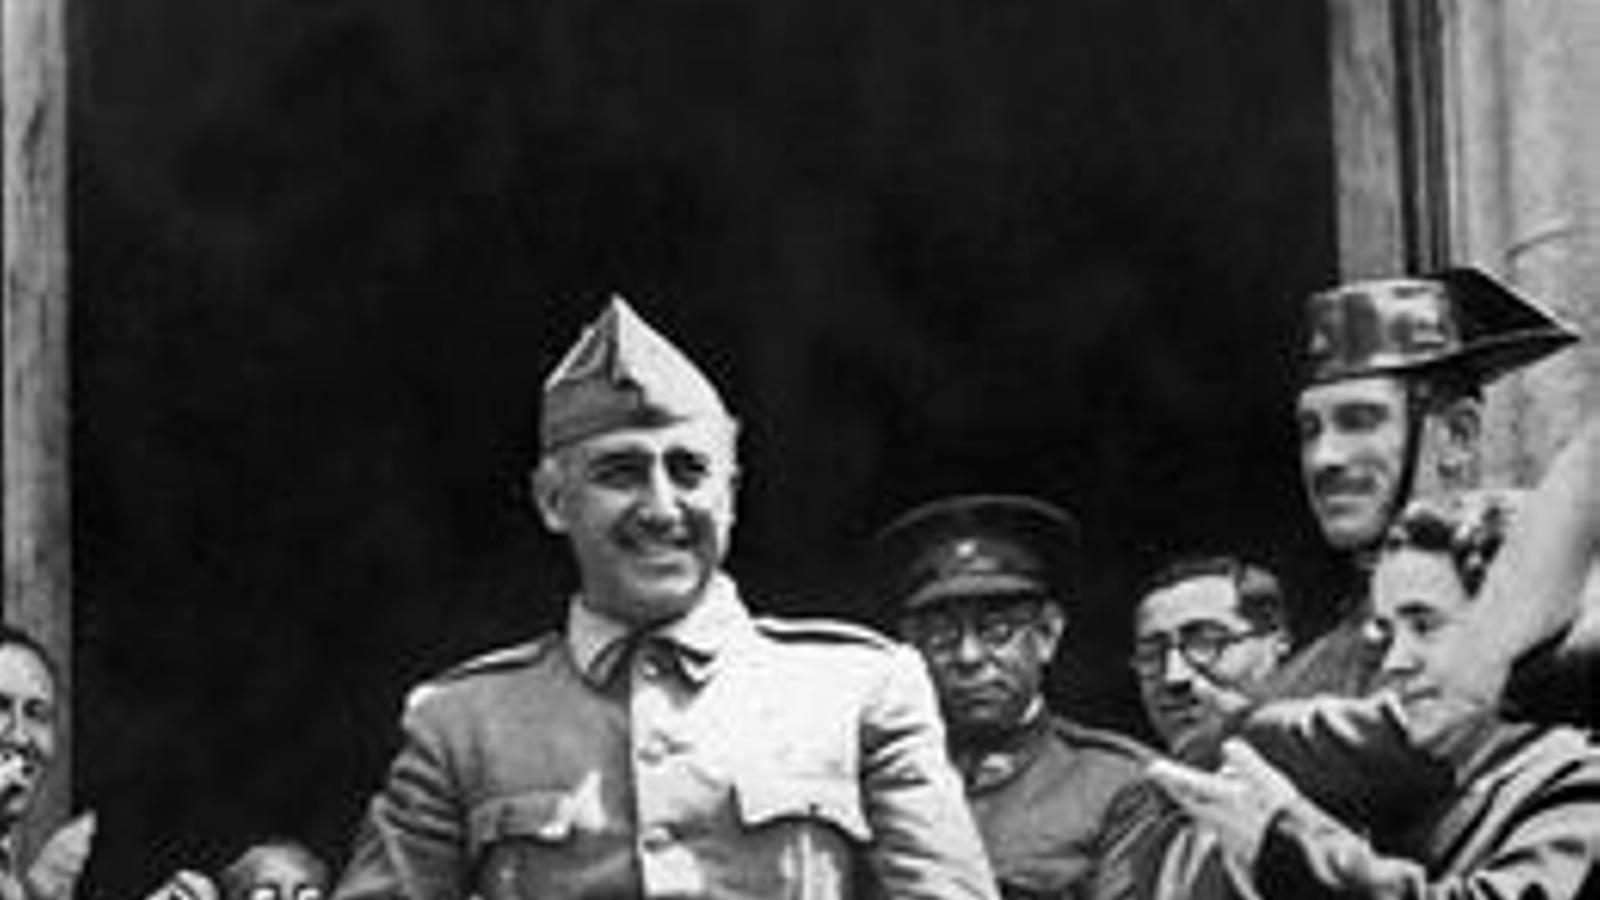 Franco passa de dictador a heroi